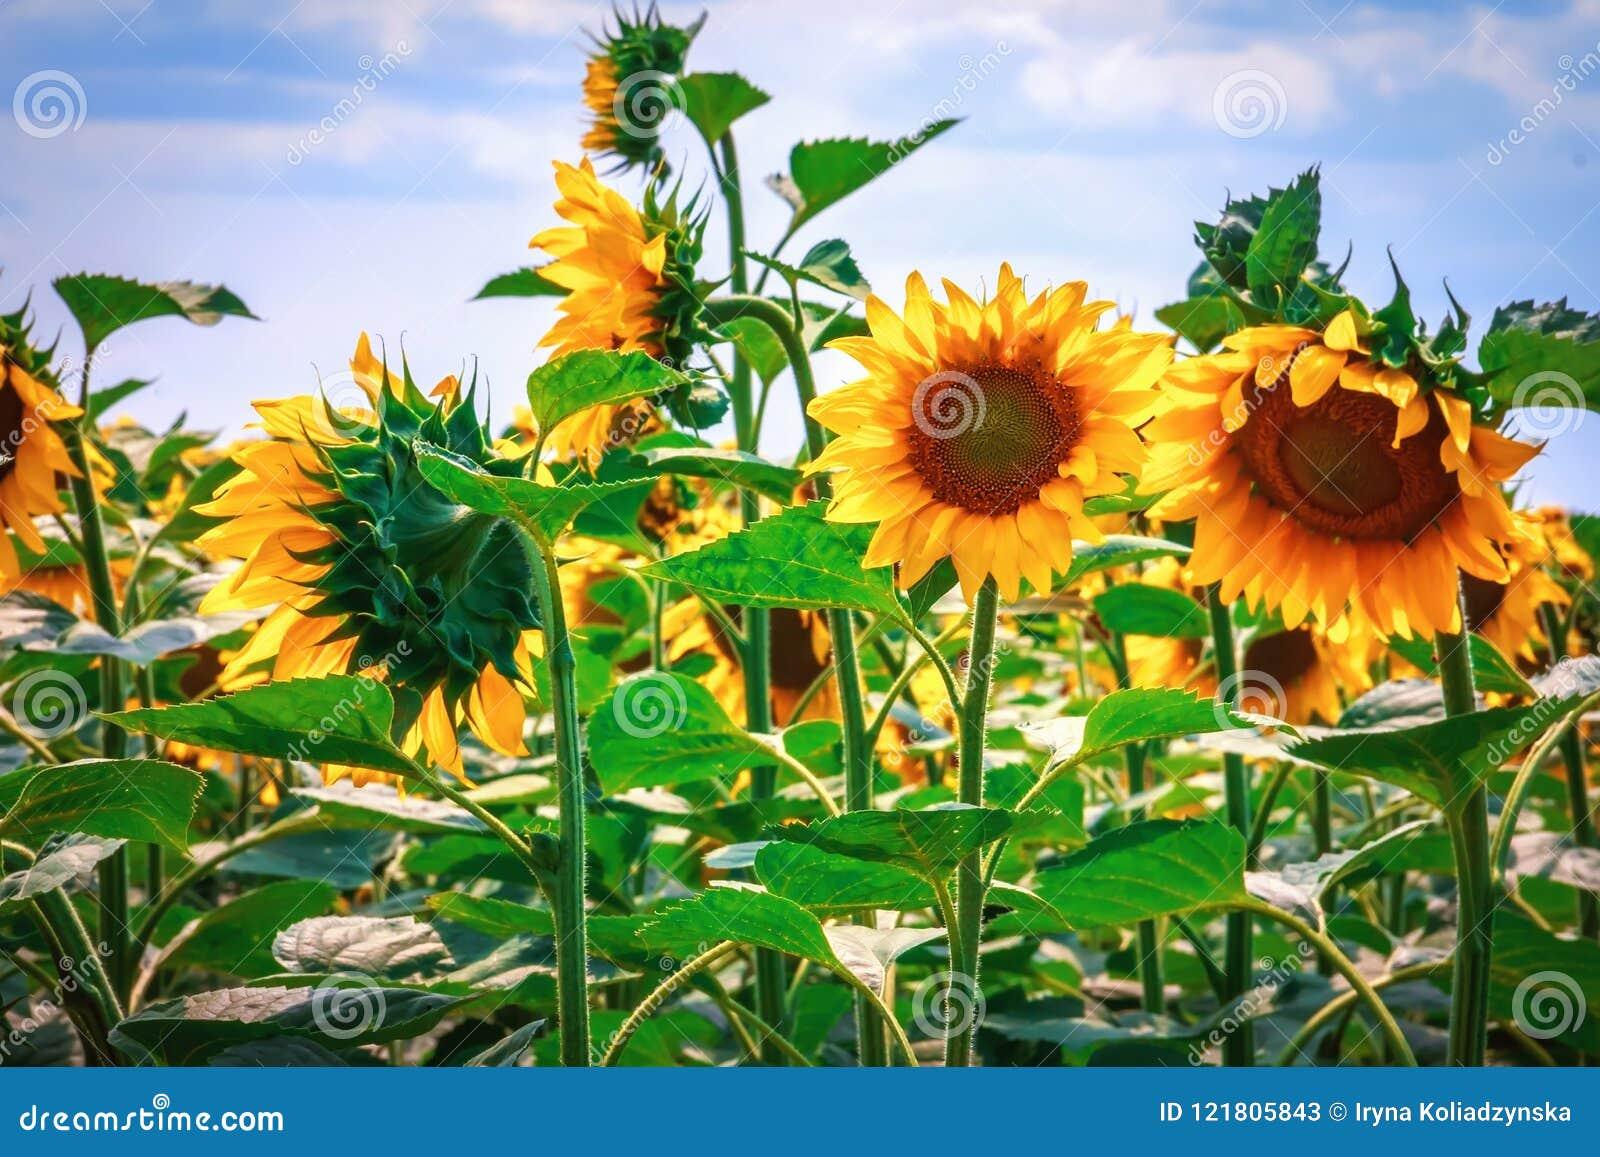 Heldere gele bloem van een zonnebloem tegen een blauwe hemel op een sunn